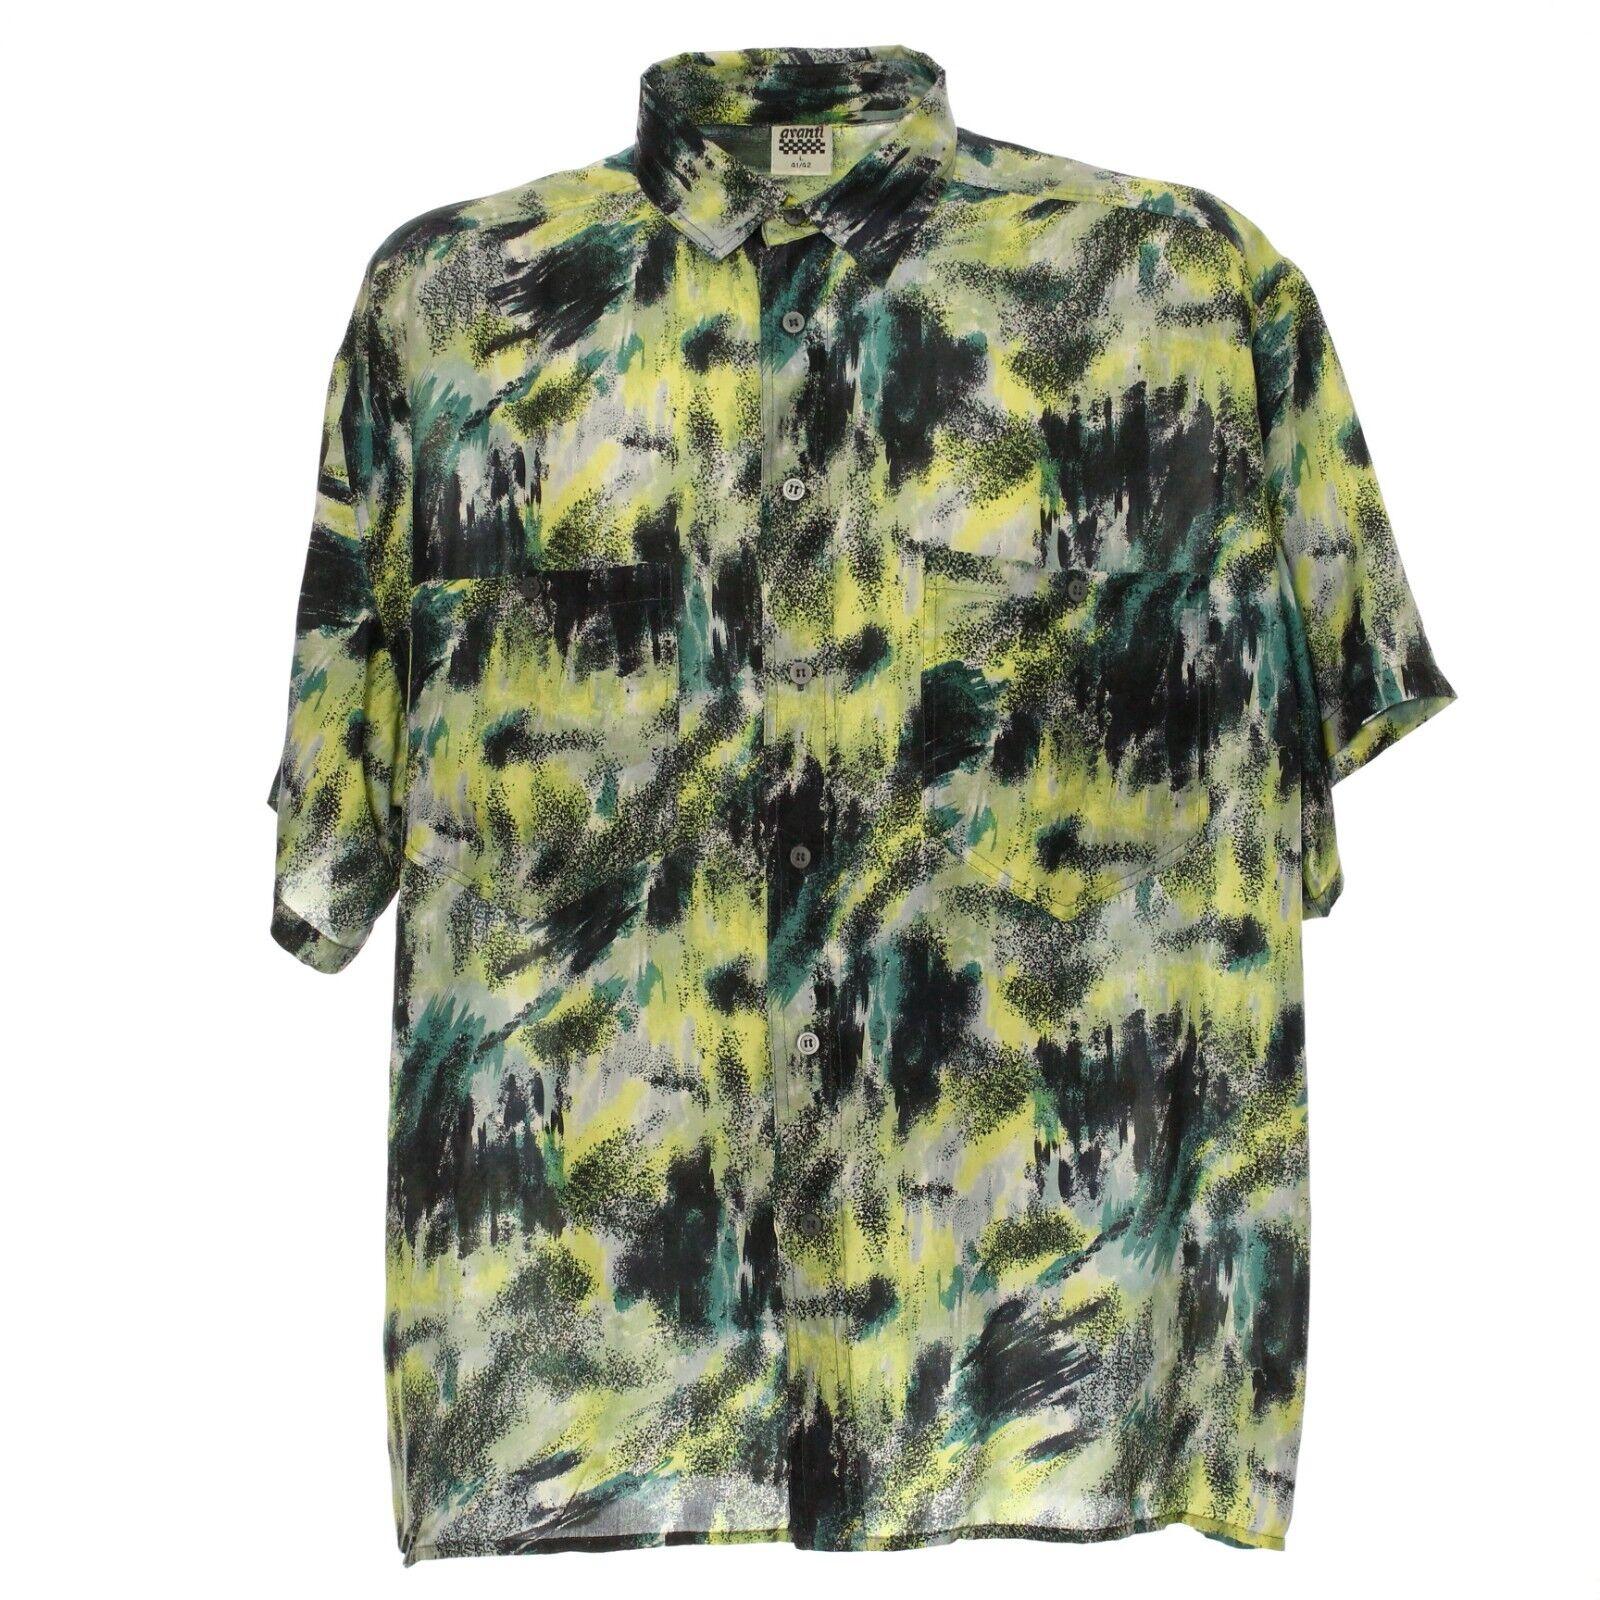 Vintage Kurzarmhemd Seide Silk Größe L Herren Herren Herren Shirt Retro Muster Freizeithemd | Ausgezeichnetes Handwerk  | Online Shop Europe  1ea751